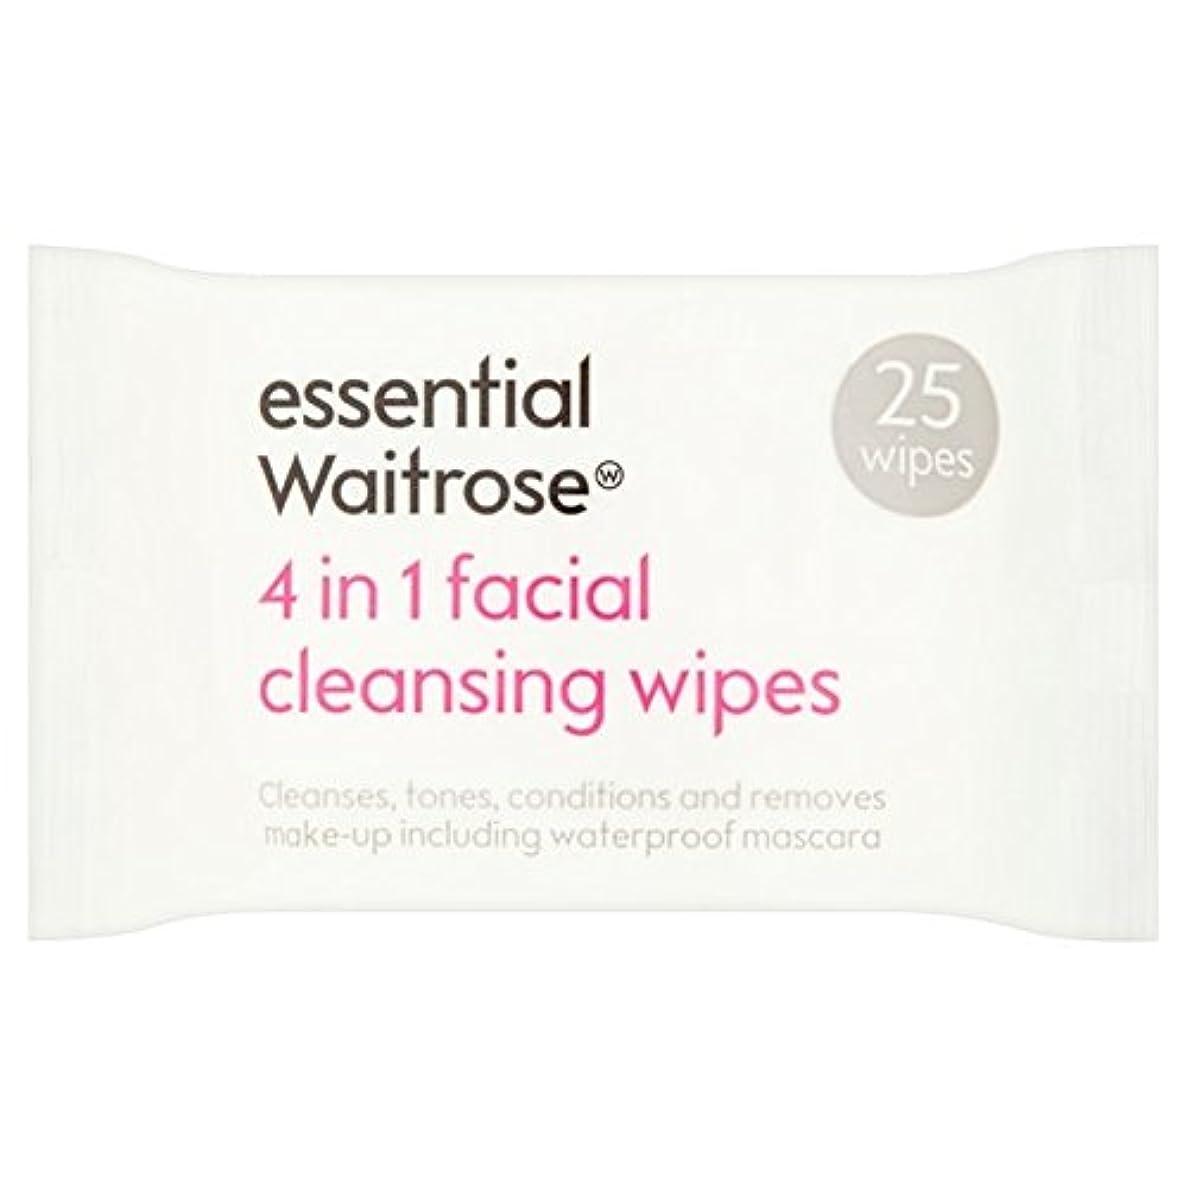 カプセル釈義リング3 in 1 Facial Wipes essential Waitrose 25 per pack - 3 1での顔のワイプパックあたり不可欠ウェイトローズ25 [並行輸入品]